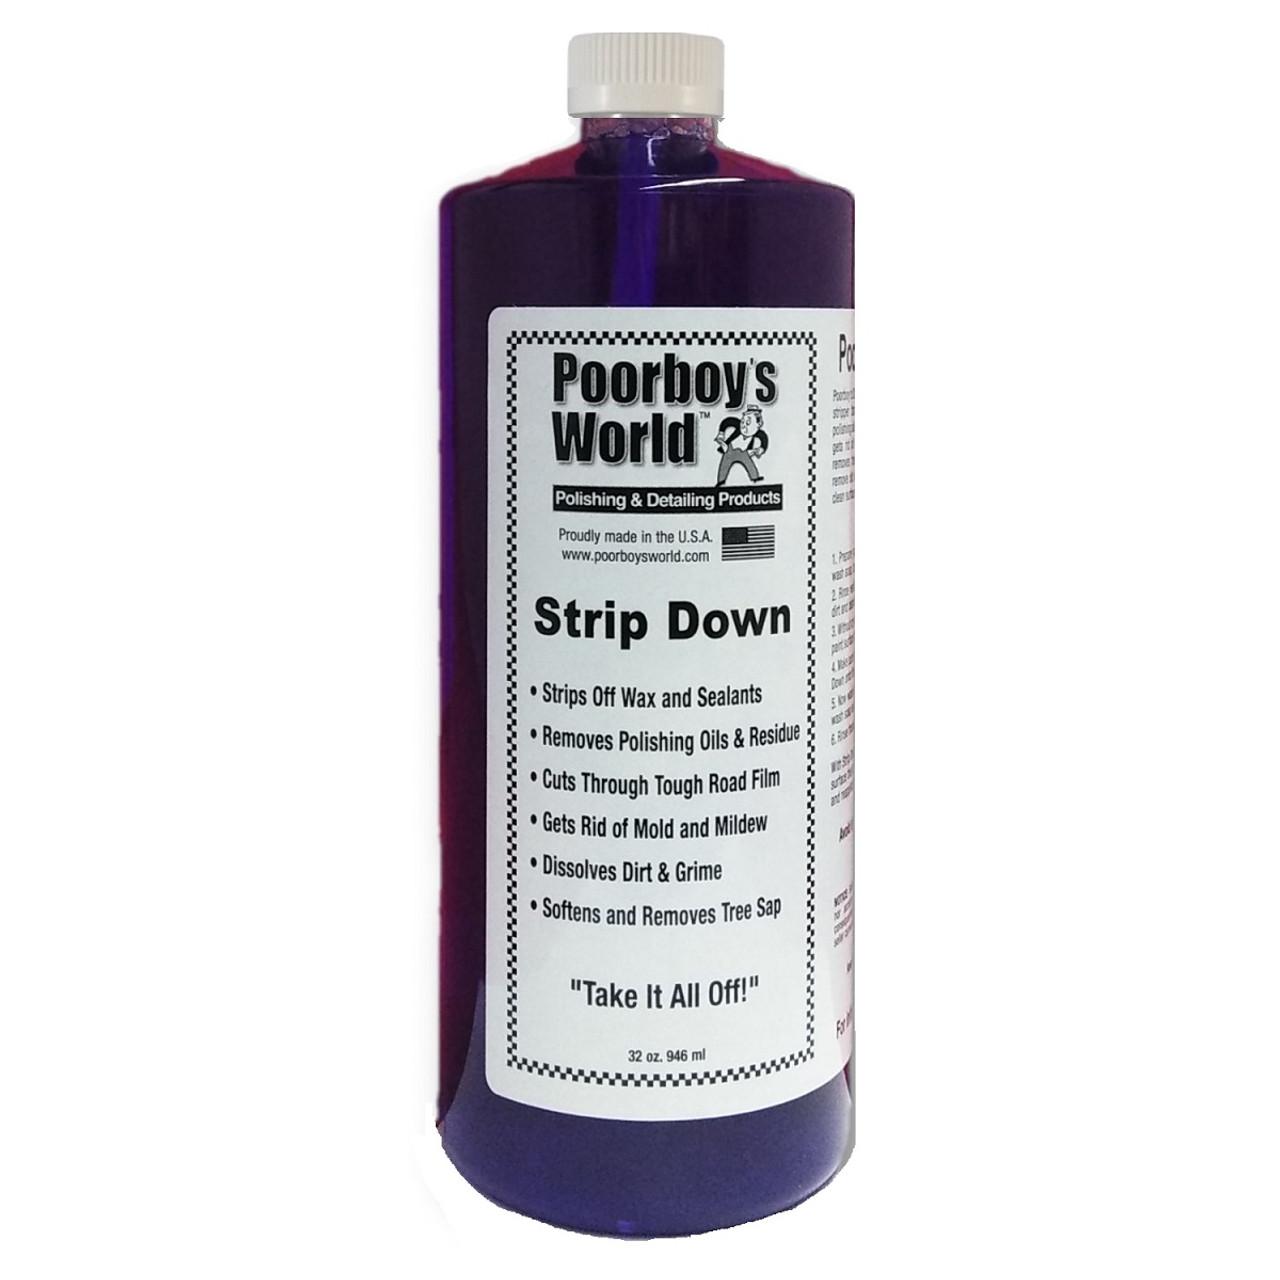 Poorboy's World Strip Down Wax Stripper 32oz Refill